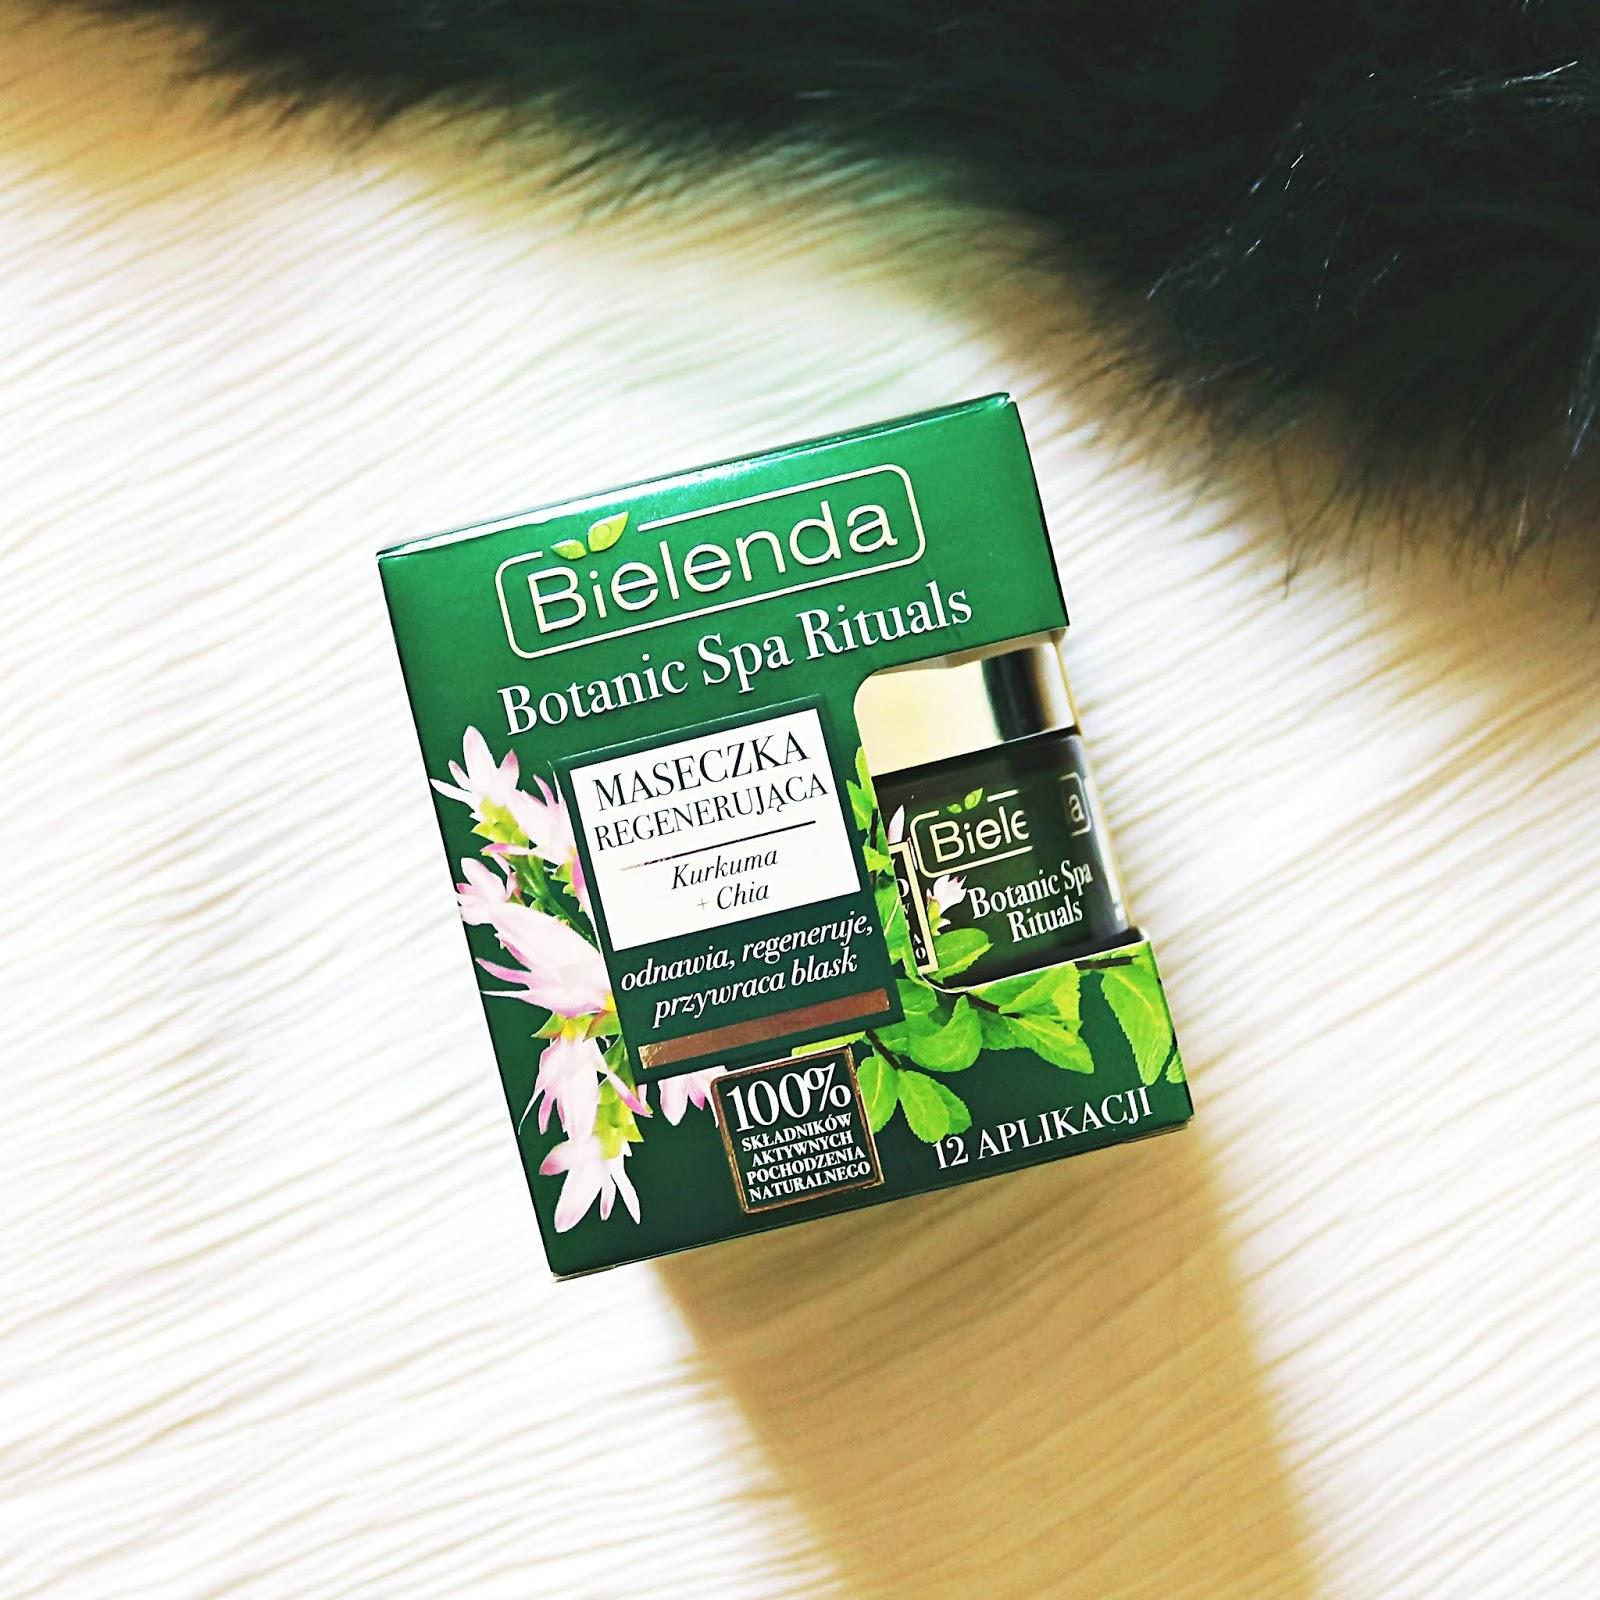 BIELENDA Botanic Spa Rituals - maseczka regenerująca z kurkumą i wyciągiem z nasion chia